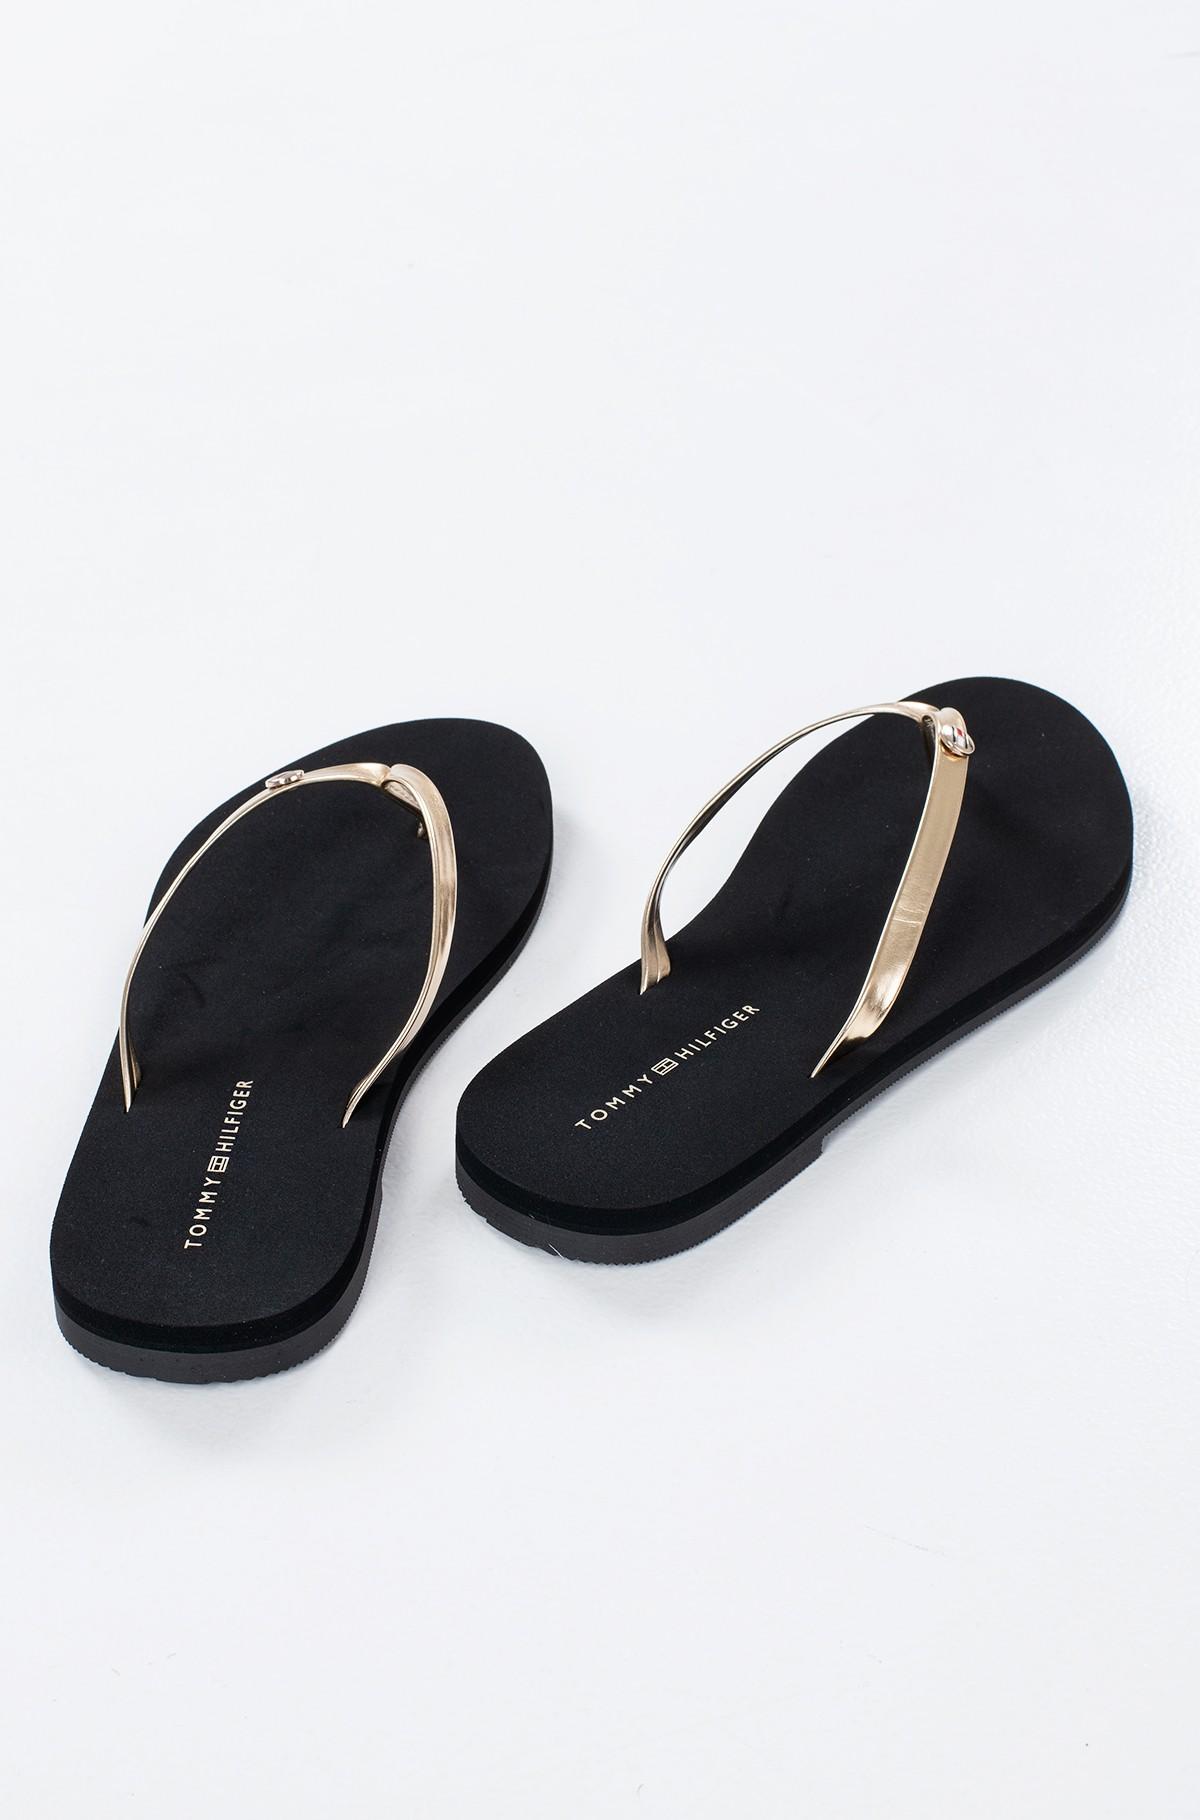 Sandals FEMININE FLAT BEACH SANDAL-full-3